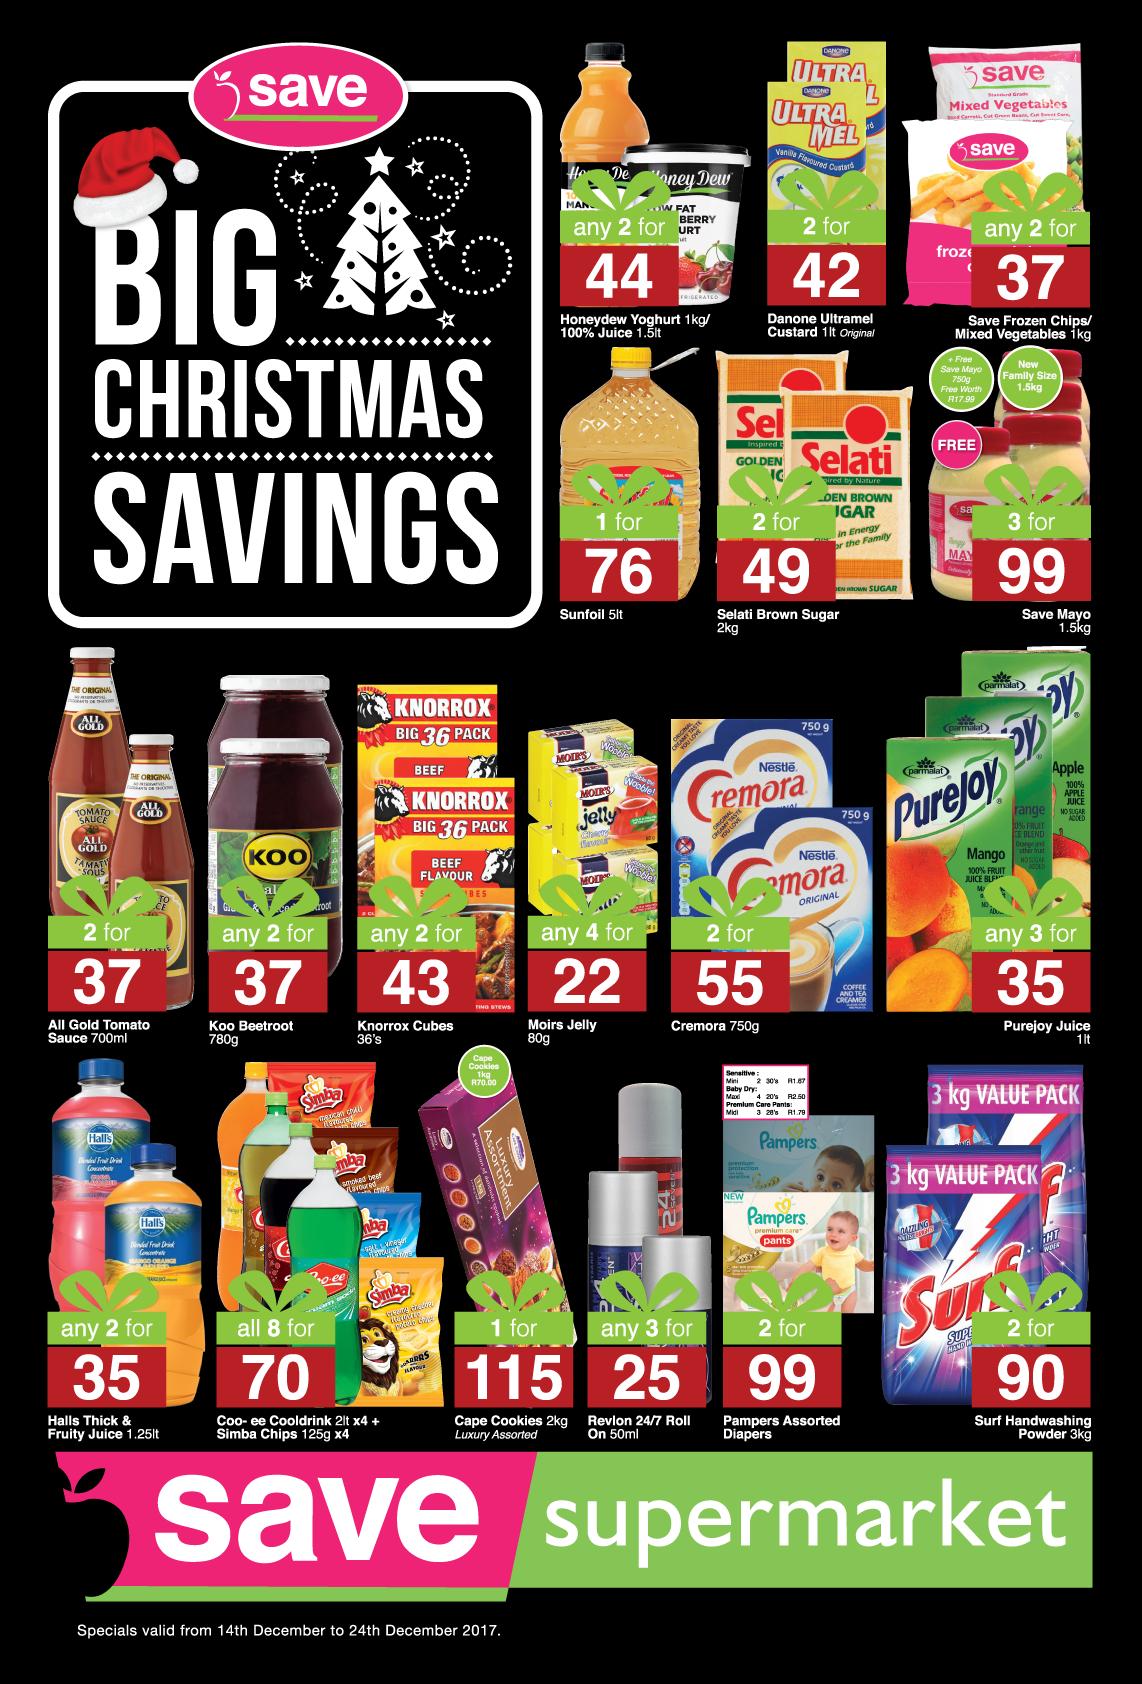 Save Supermarket Church Specials -  until 24th December 2017